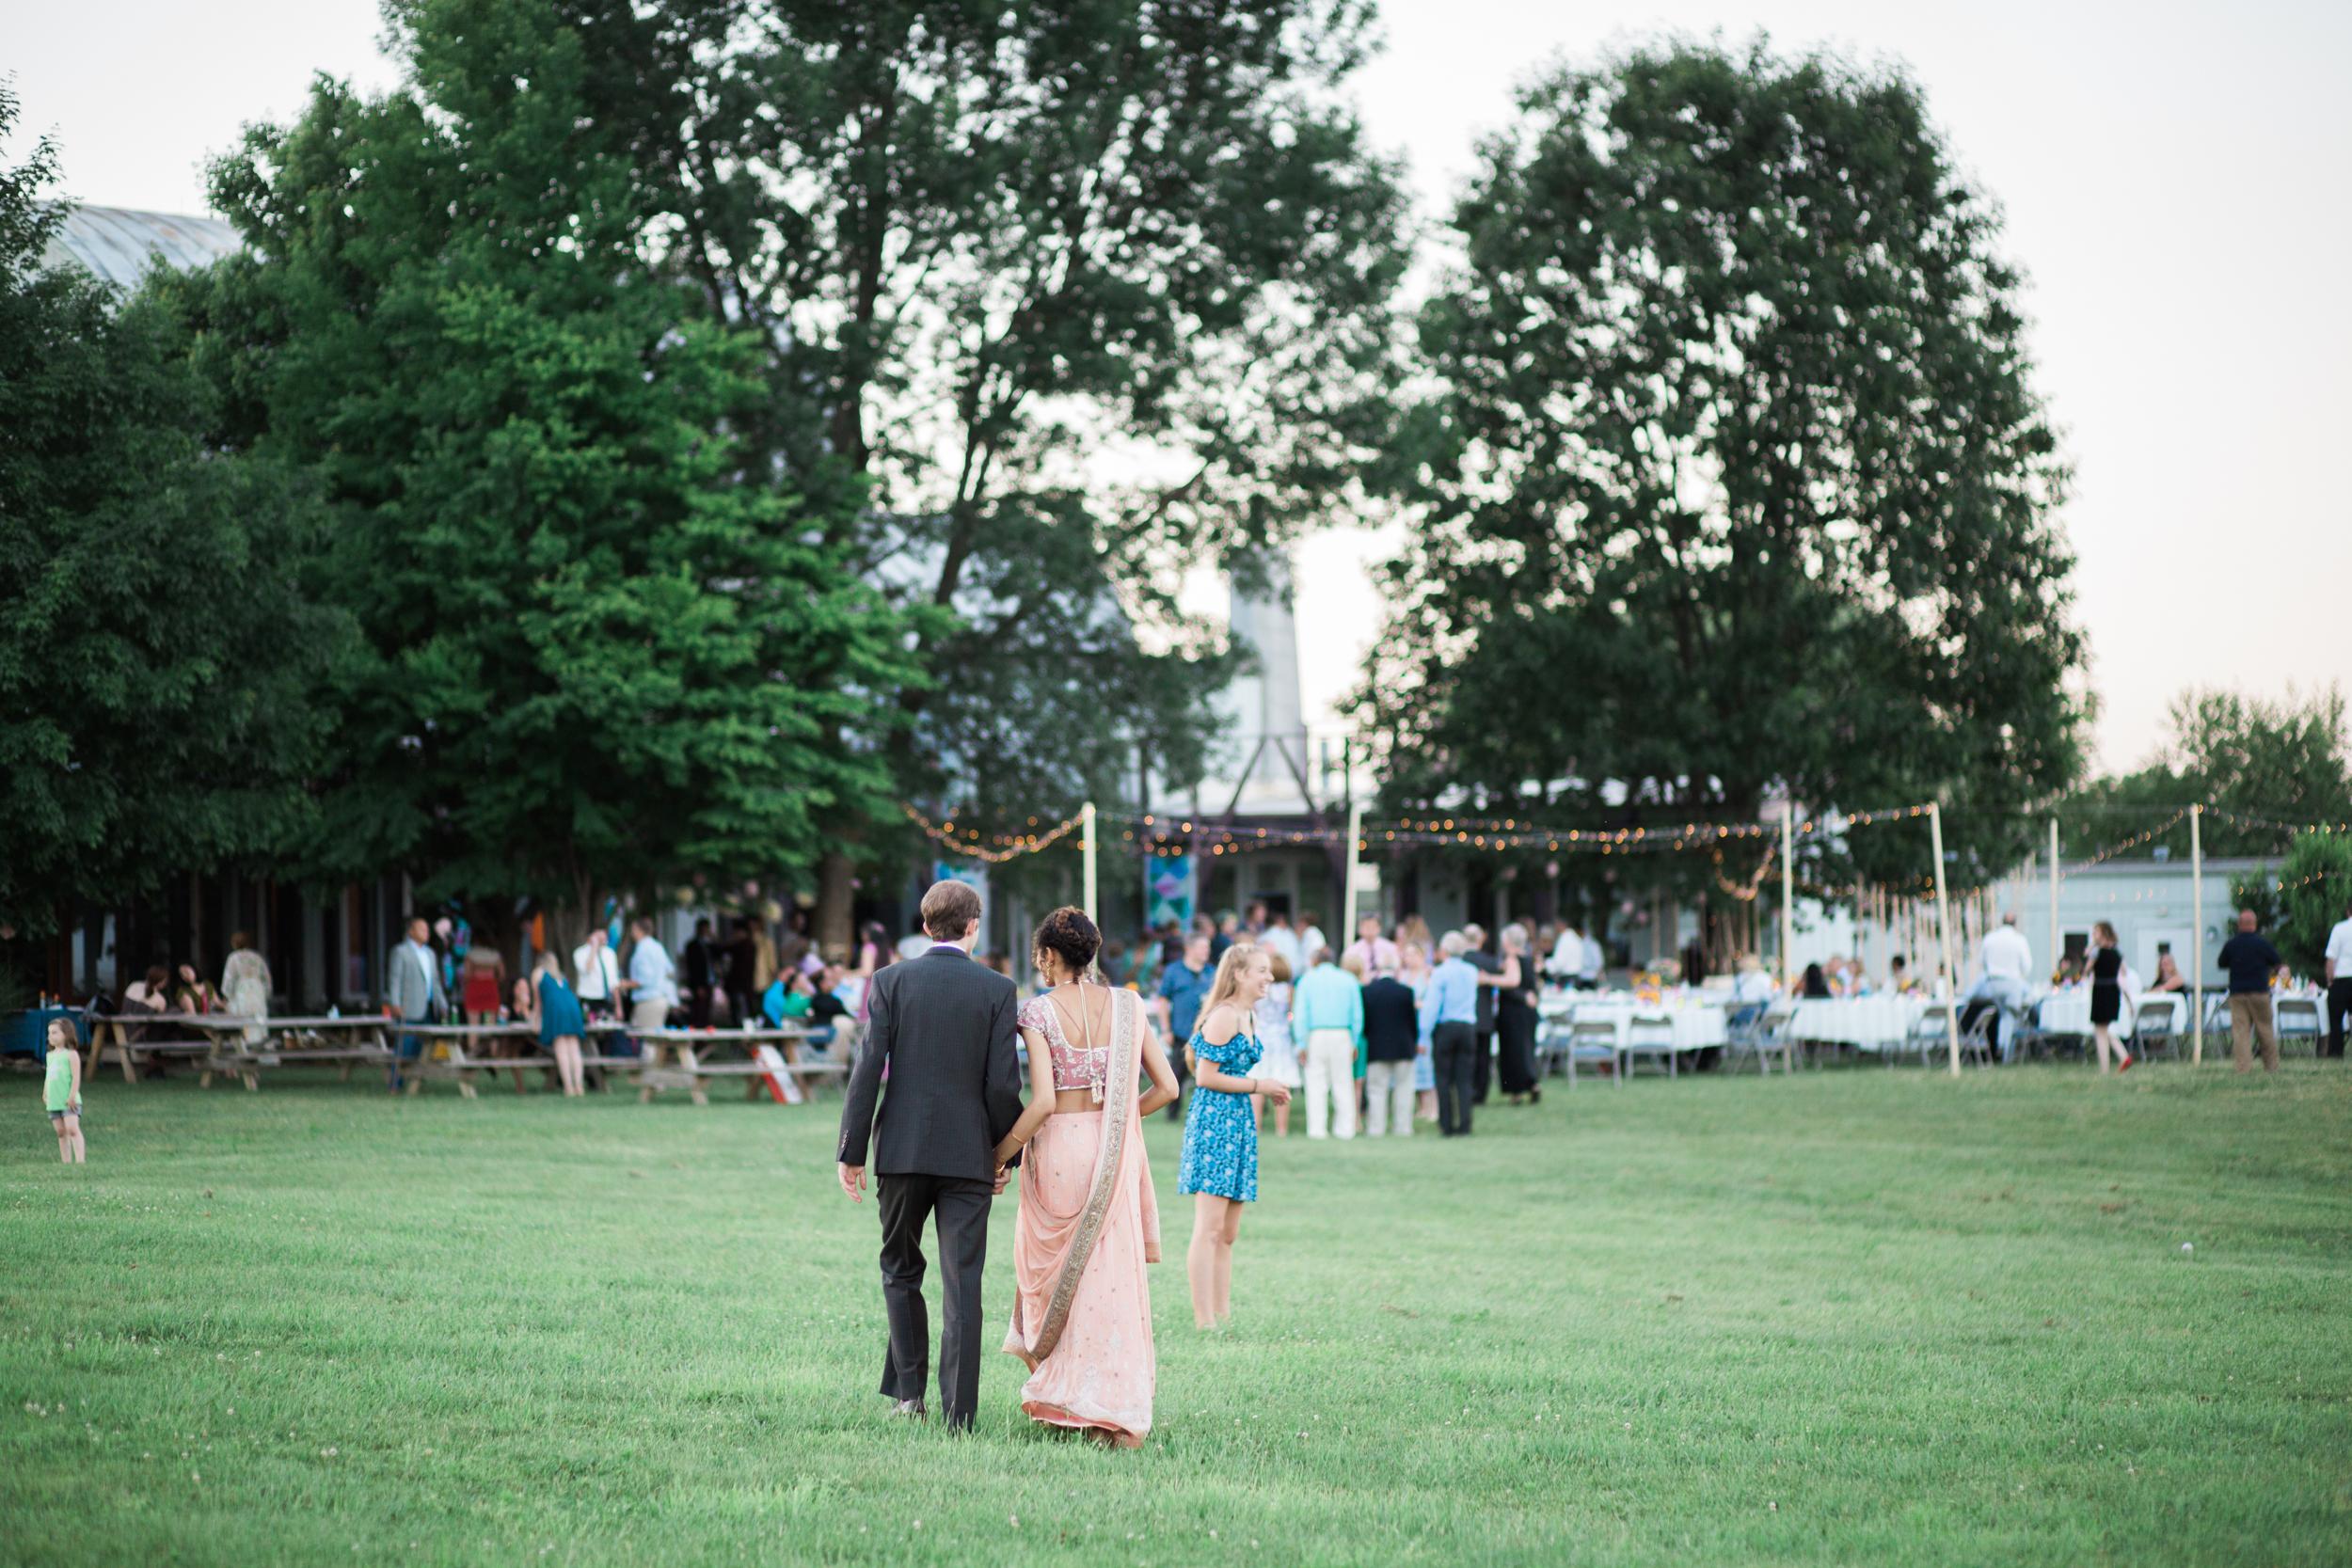 Backyard Weddings in Western MA